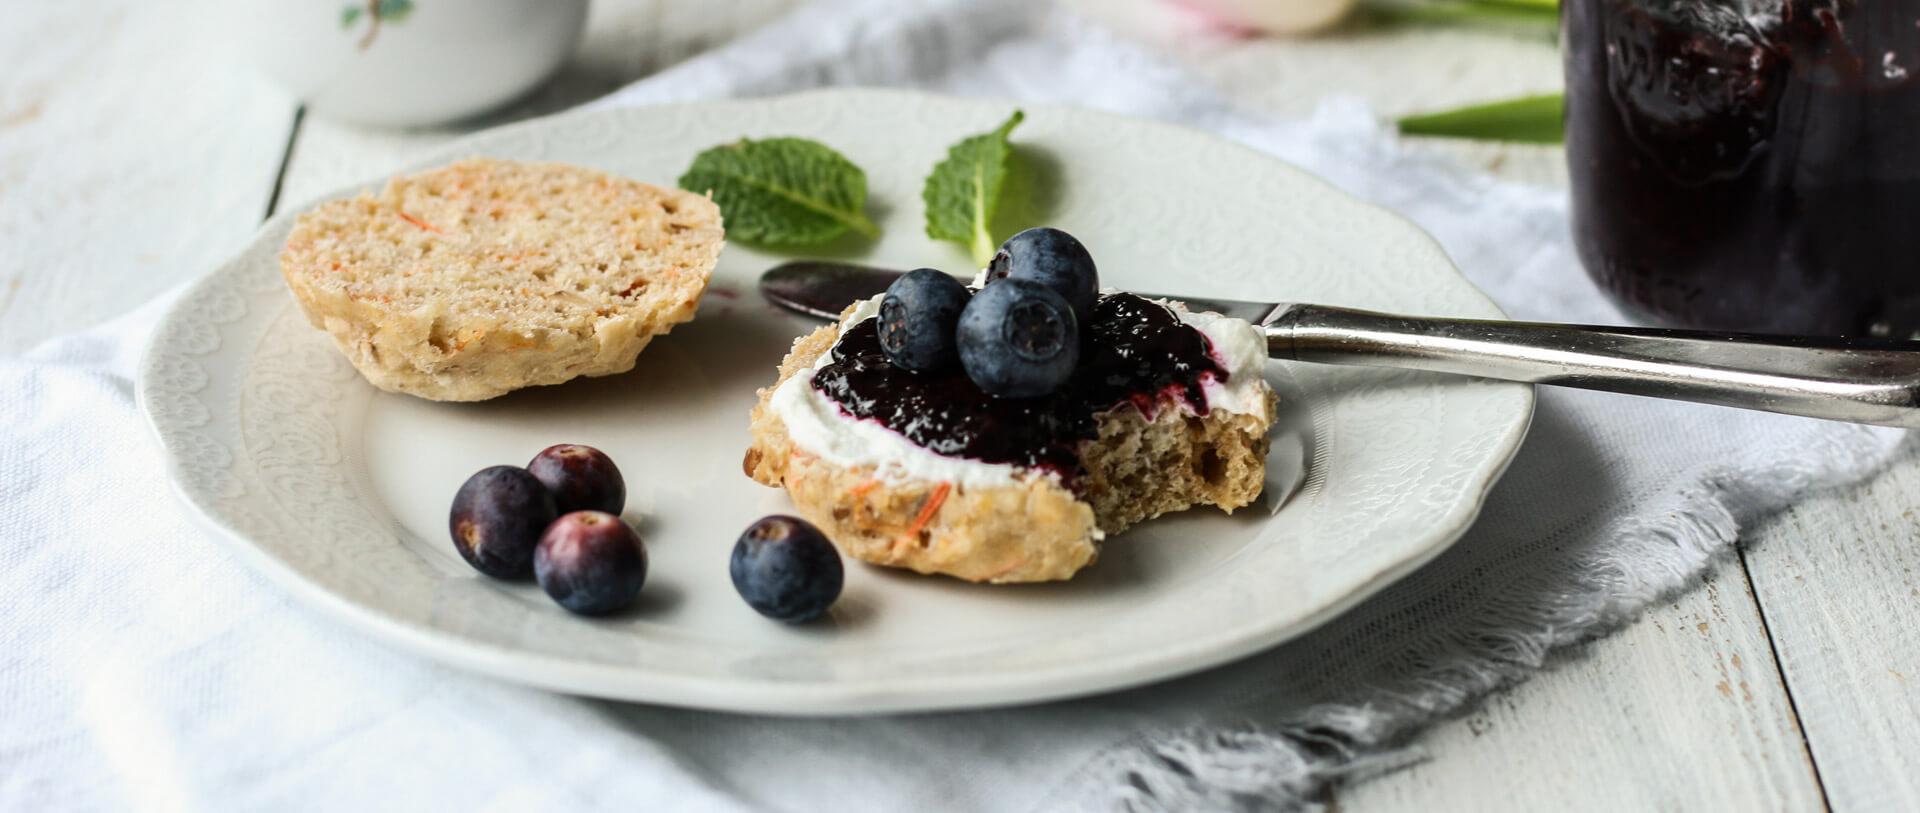 Schnell gemacht und zuckerfrei: Blaubeer-Chia-Marmelade